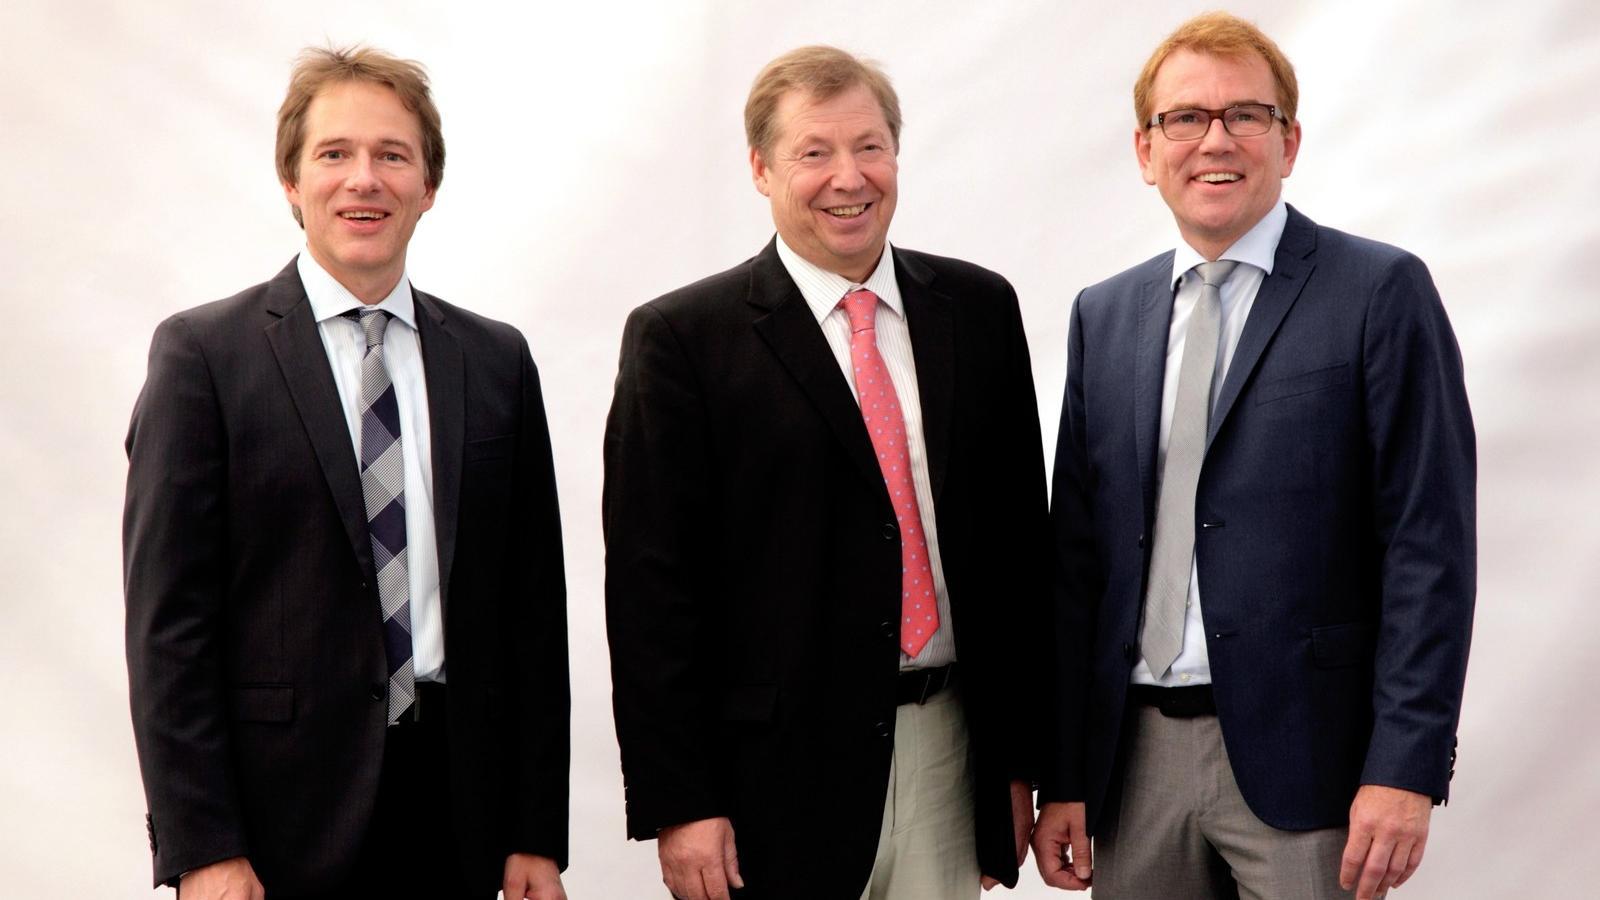 Günter Helmchen, Geschäftsführer Banner Batterien Deutschland GmbH, (Bildmitte) mit den Inhabern von Banner Batterien Thomas Bawart (li.) und Andreas Bawart (re.)